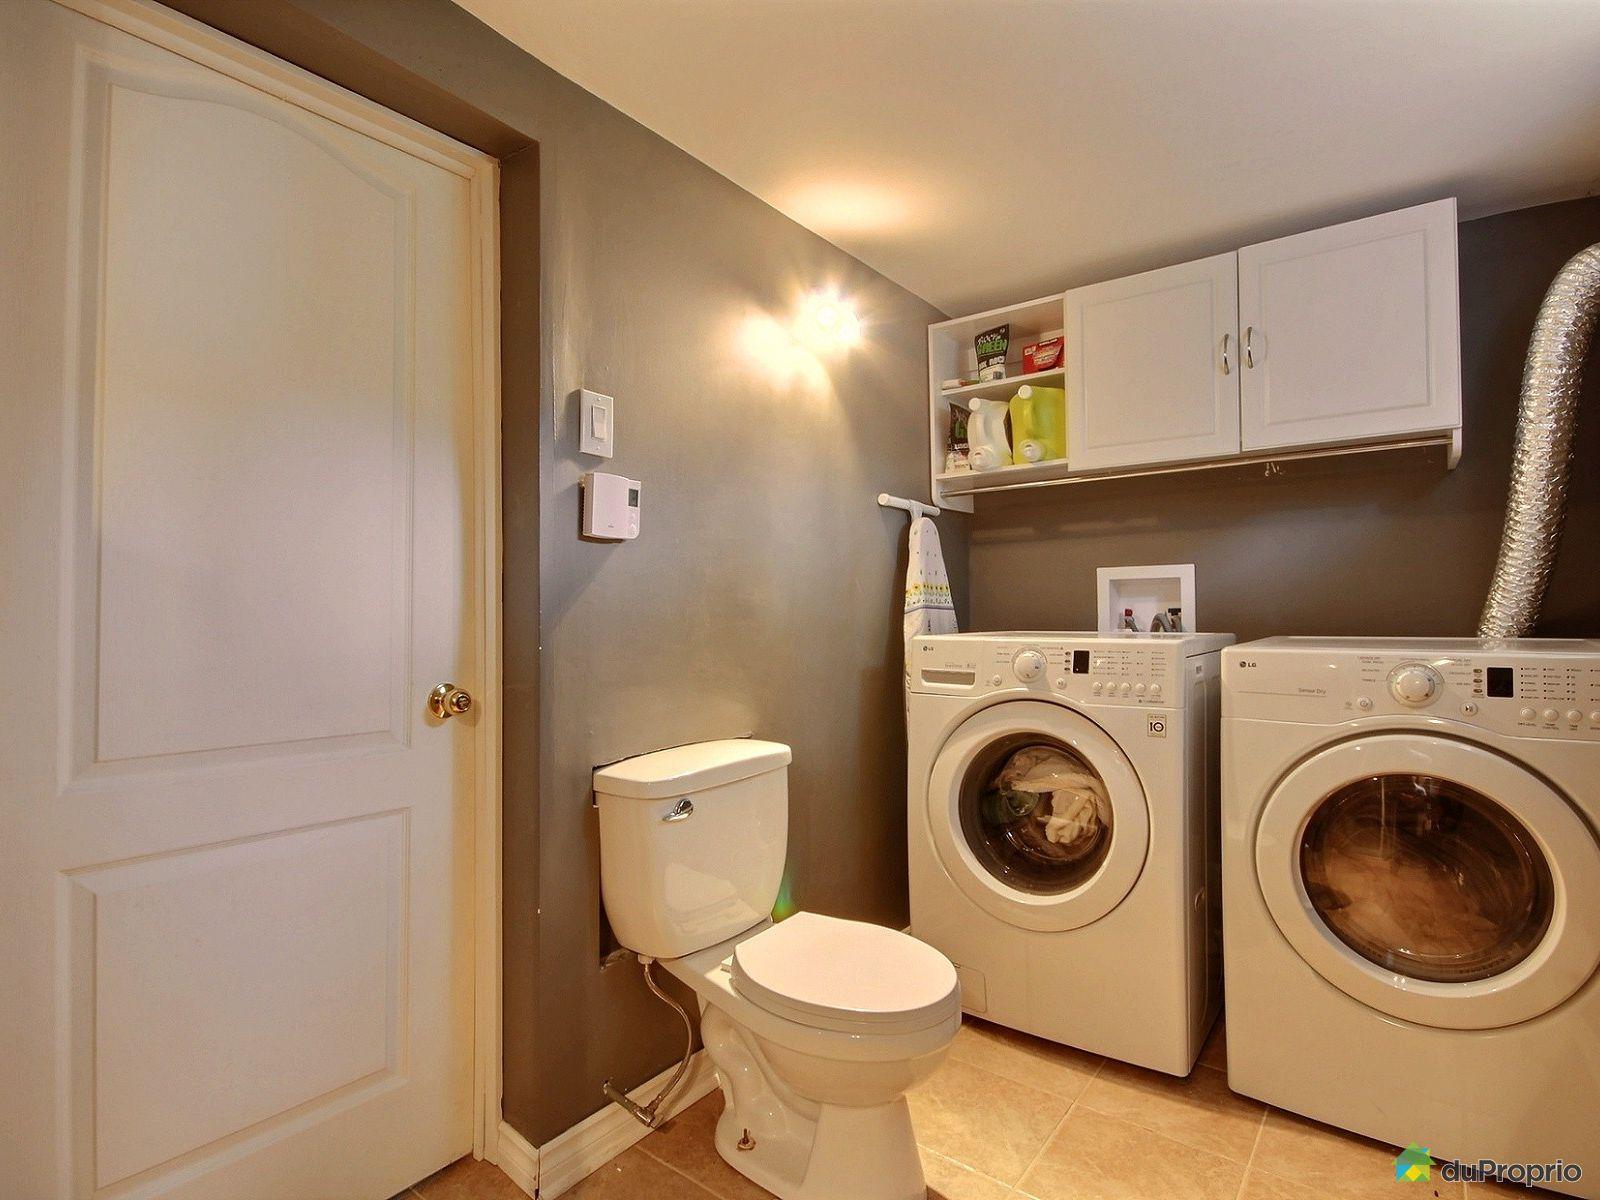 Maison vendre st j r me 1189 23e avenue sud immobilier for Accessoire salle de bain st jerome